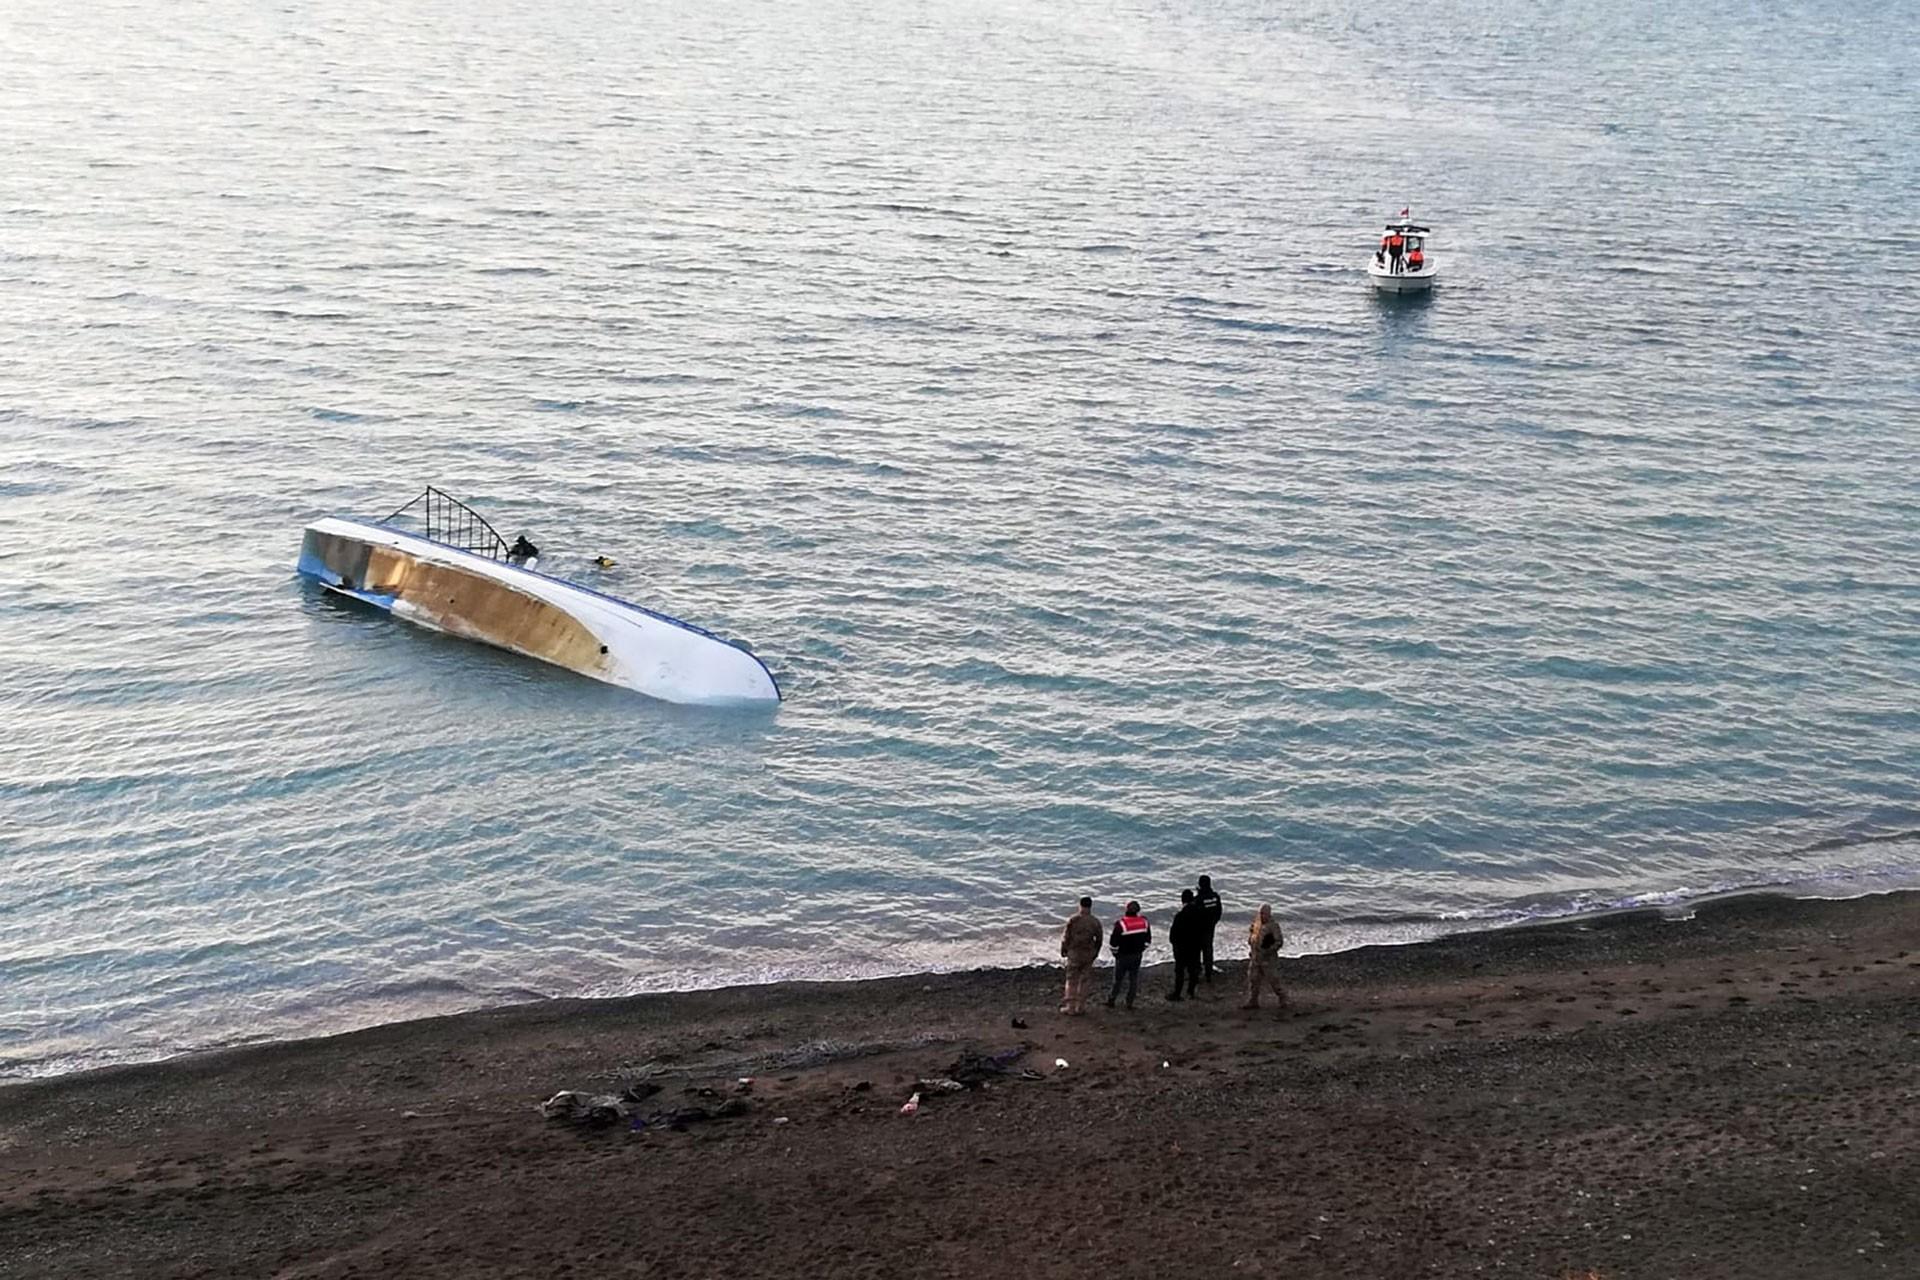 Van Gölü'nün ve alabora olmuş teknenin biraz uzak ve yukardan görünümü.